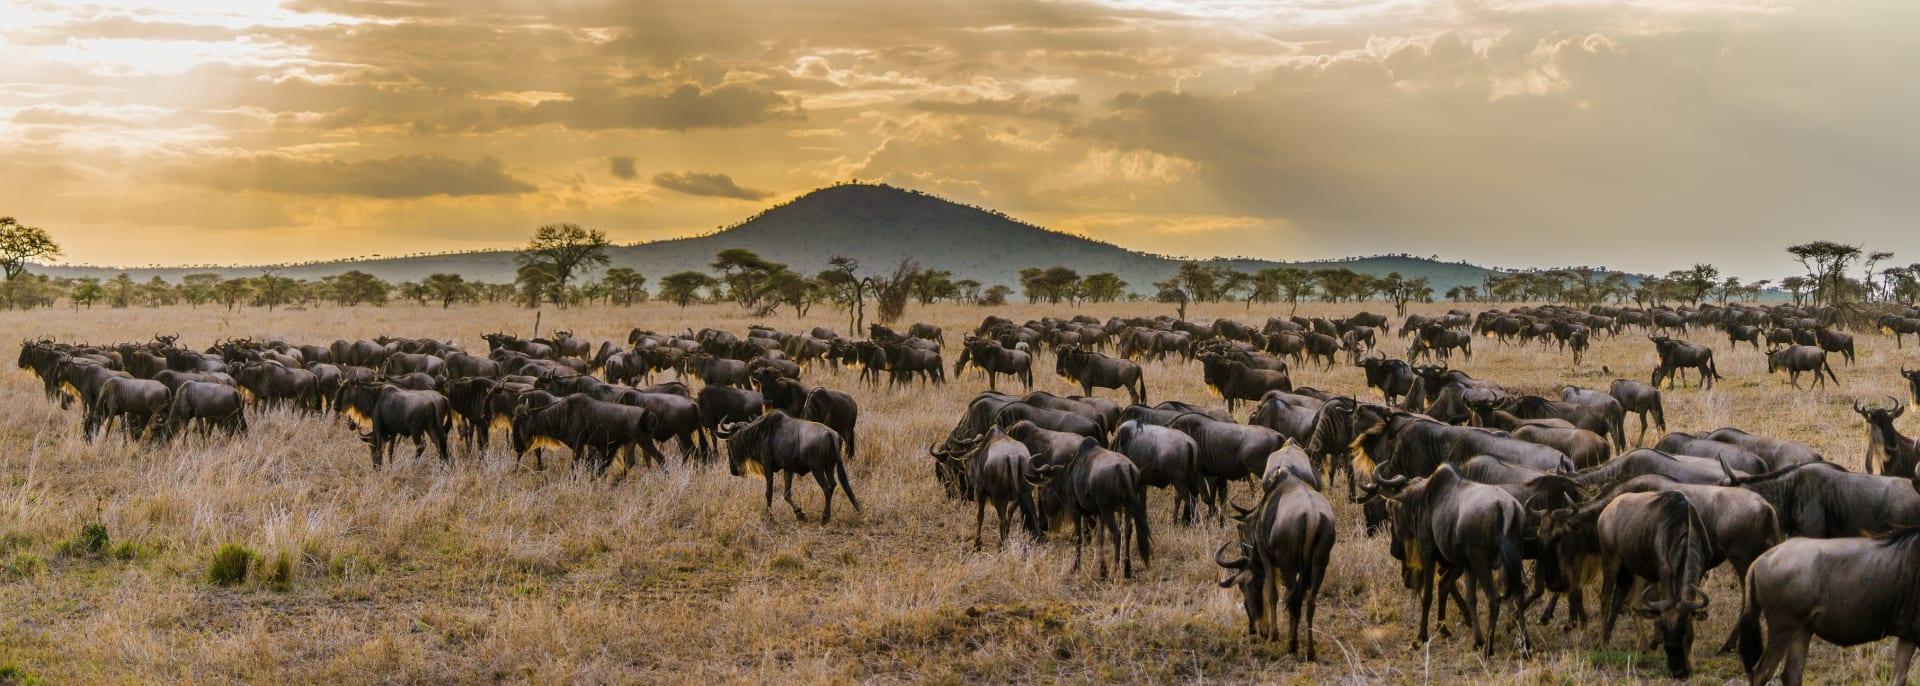 Serengeti, Tansania/Sansibar